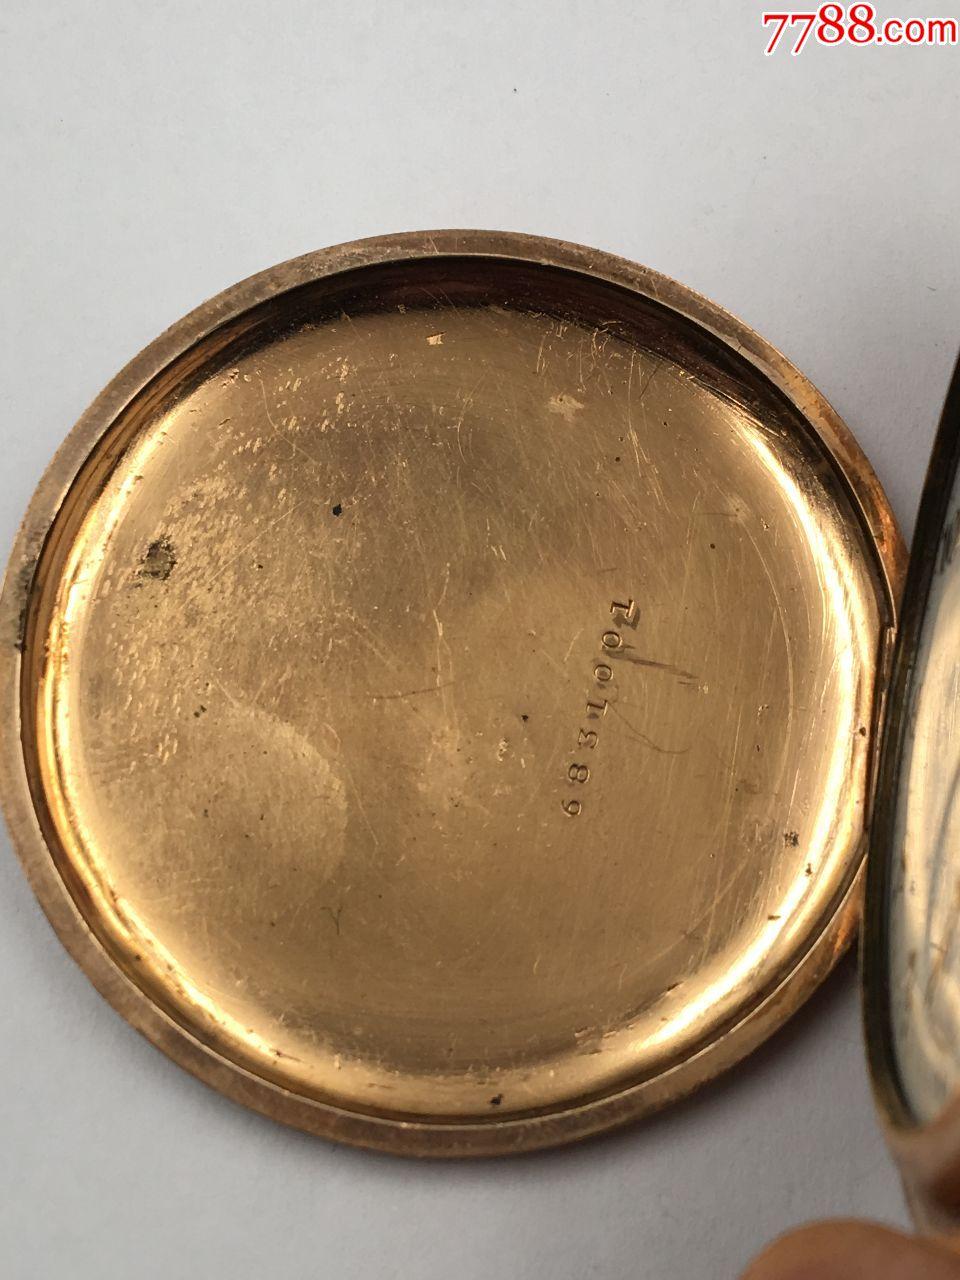 三开门雕花包金埃尔金古董老怀表正常走时直径47.5mm少表镜!_第5张_